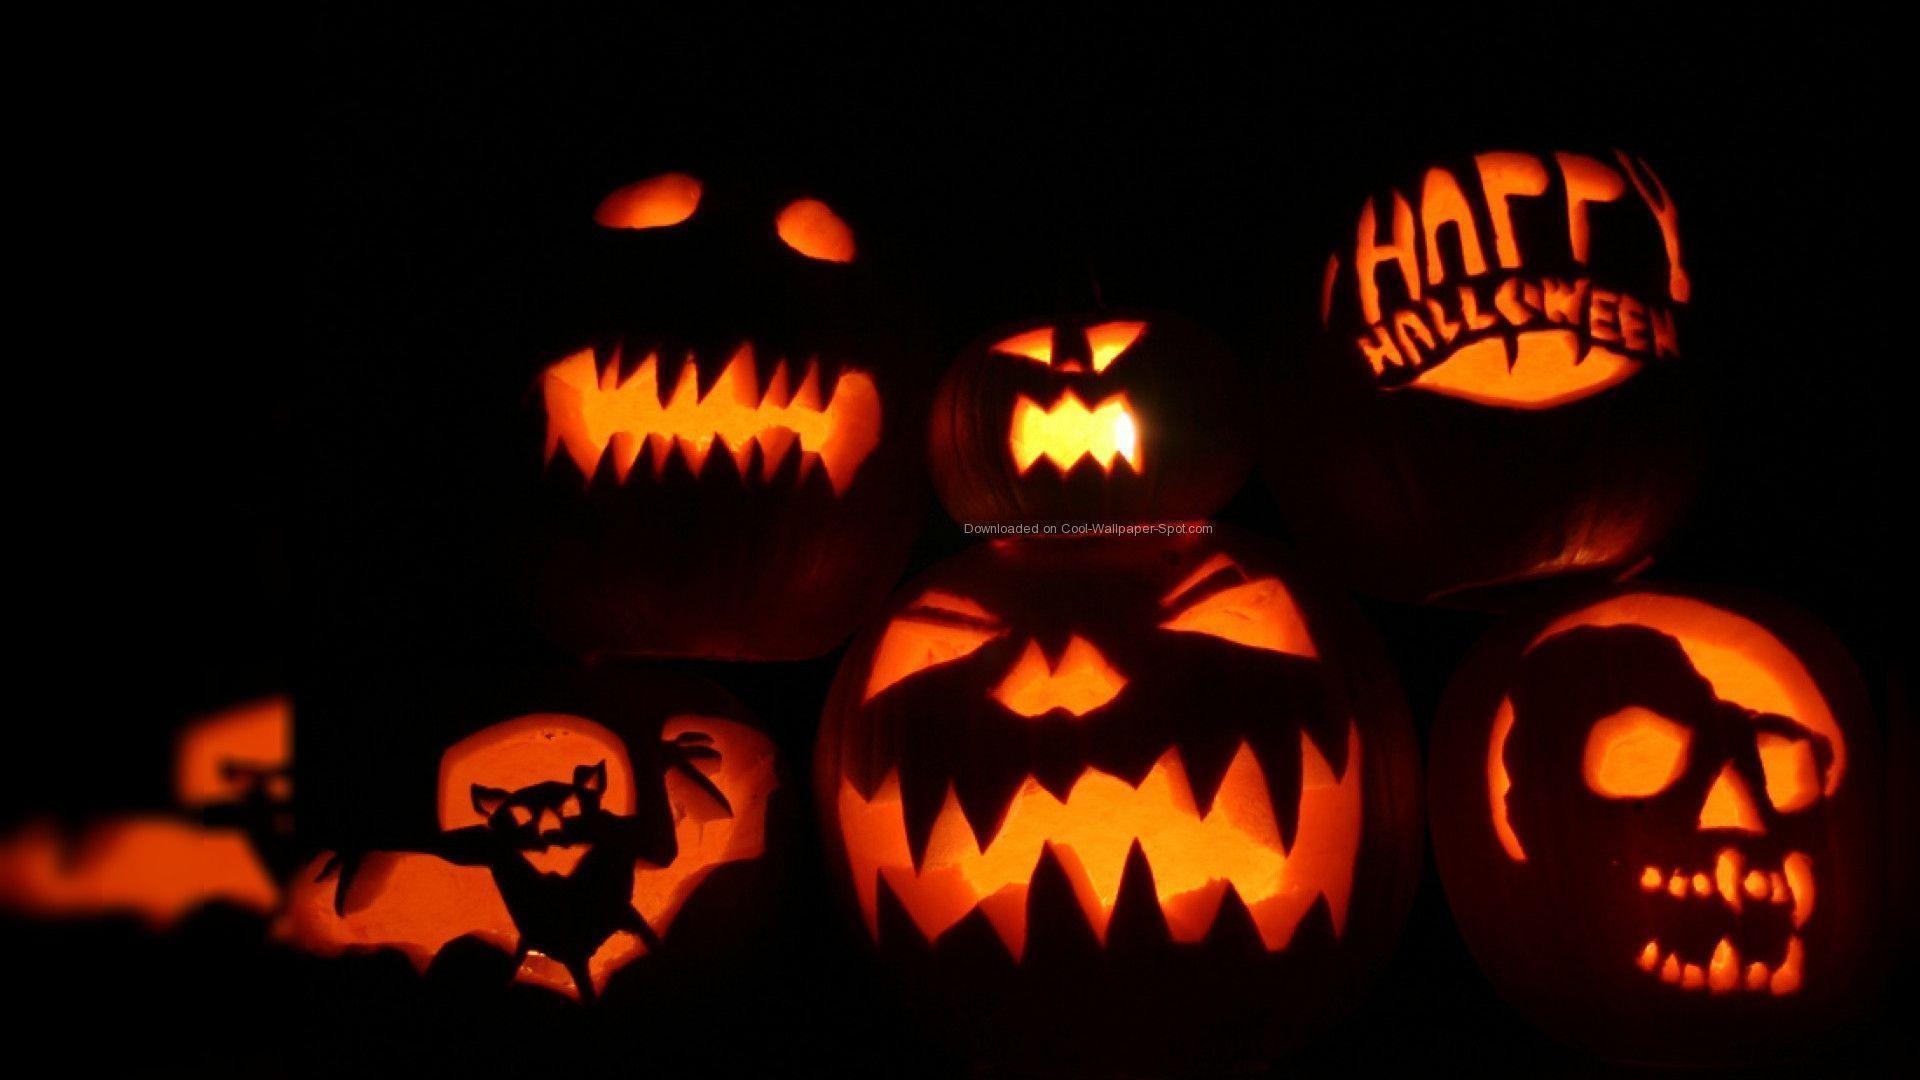 Halloween Wallpapers For Desktop 73 Pictures